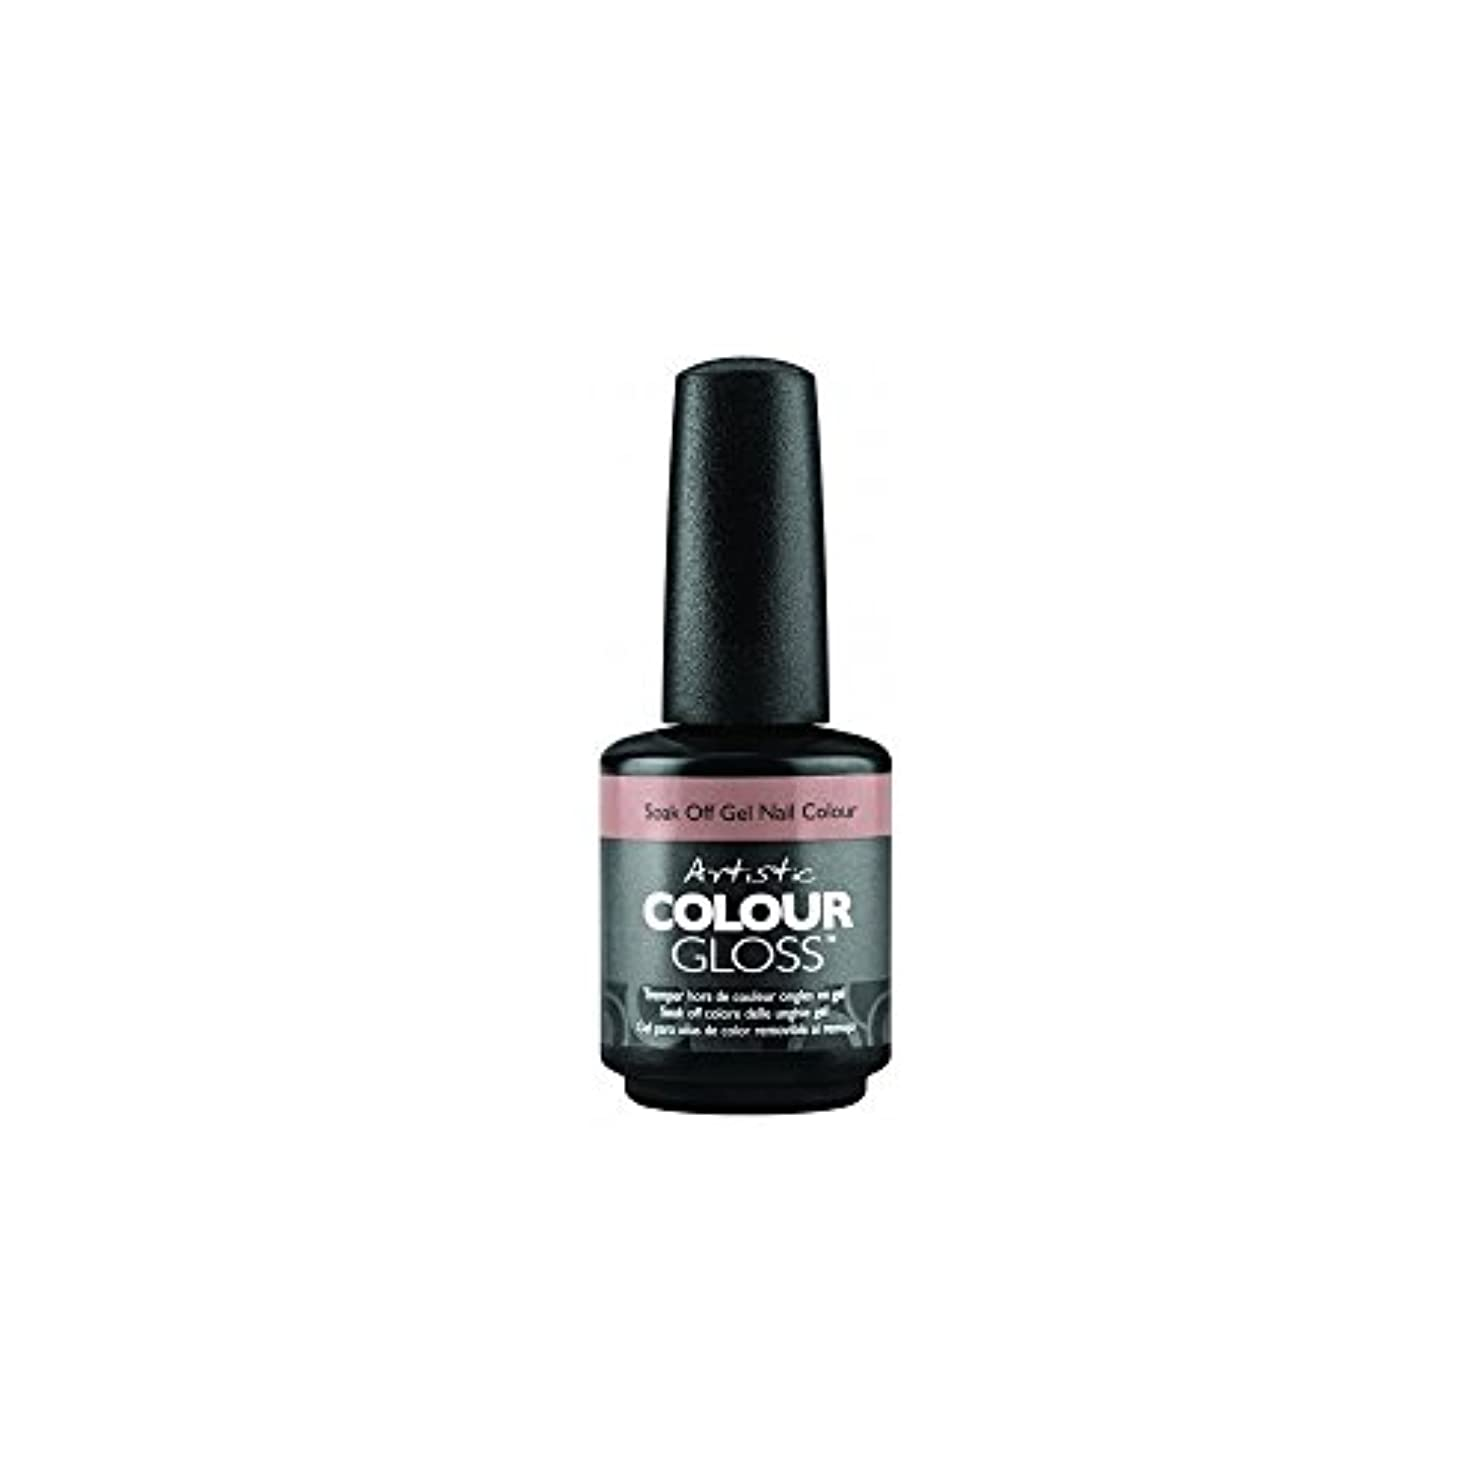 交差点ペースト大混乱Artistic Colour Gloss - Love, Marriage, Prenup - 0.5oz / 15ml